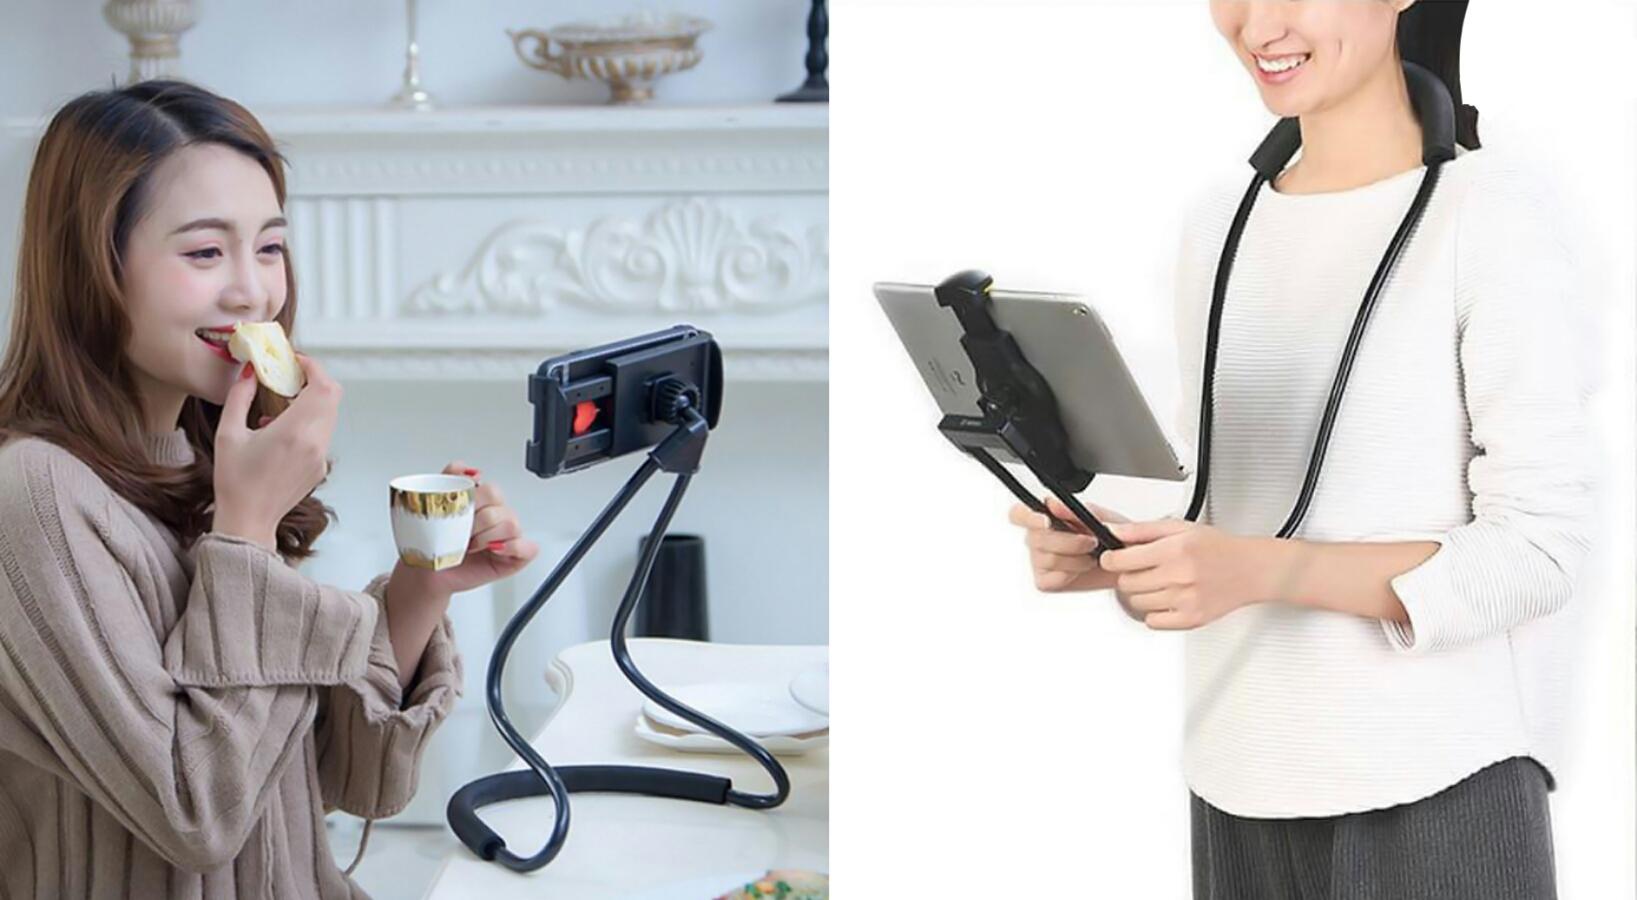 عکس محصول هولدر گردنی موبایل و تبلت Mobile and tablet neck holder